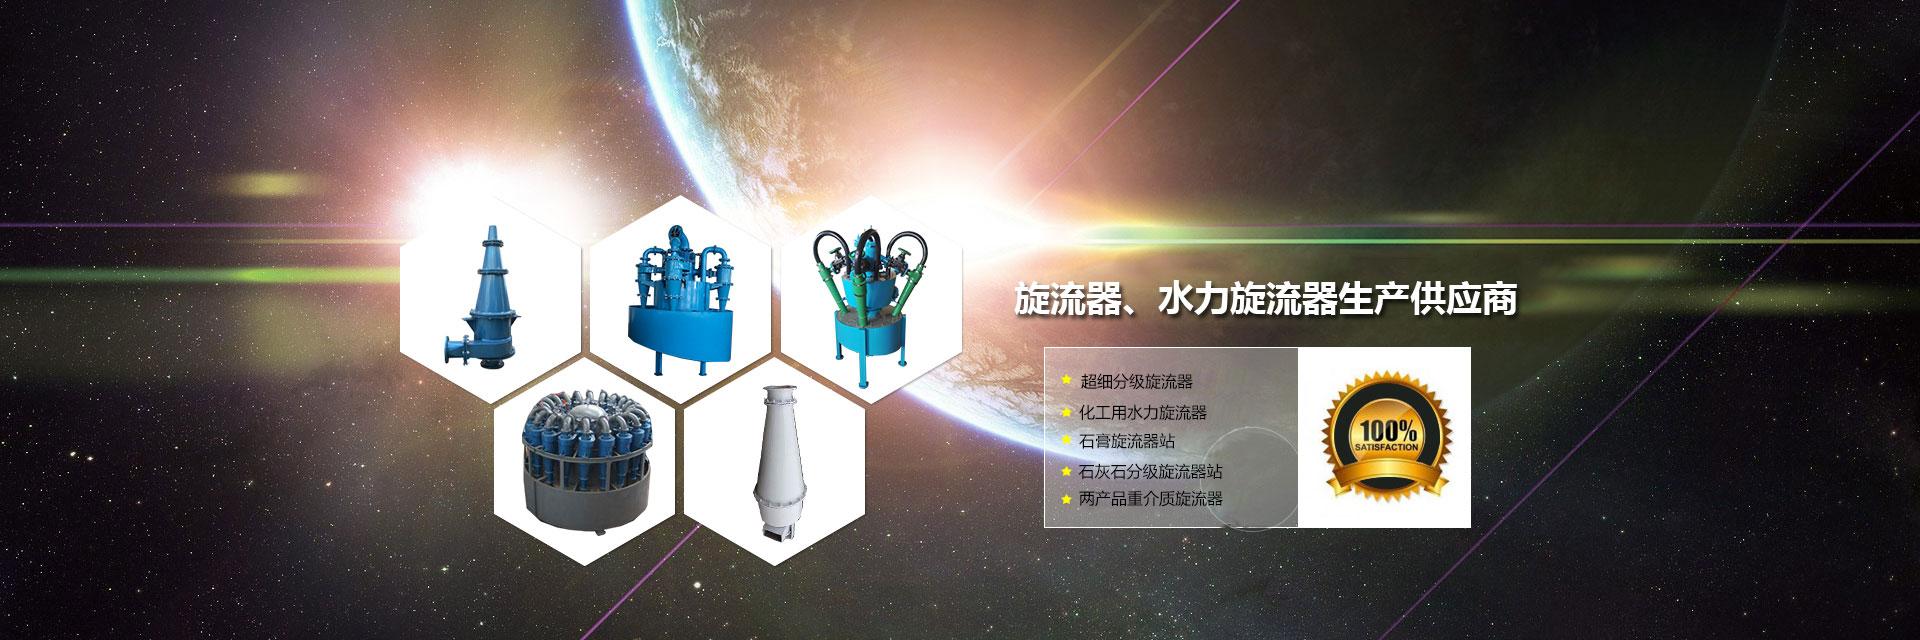 博天堂官网网站